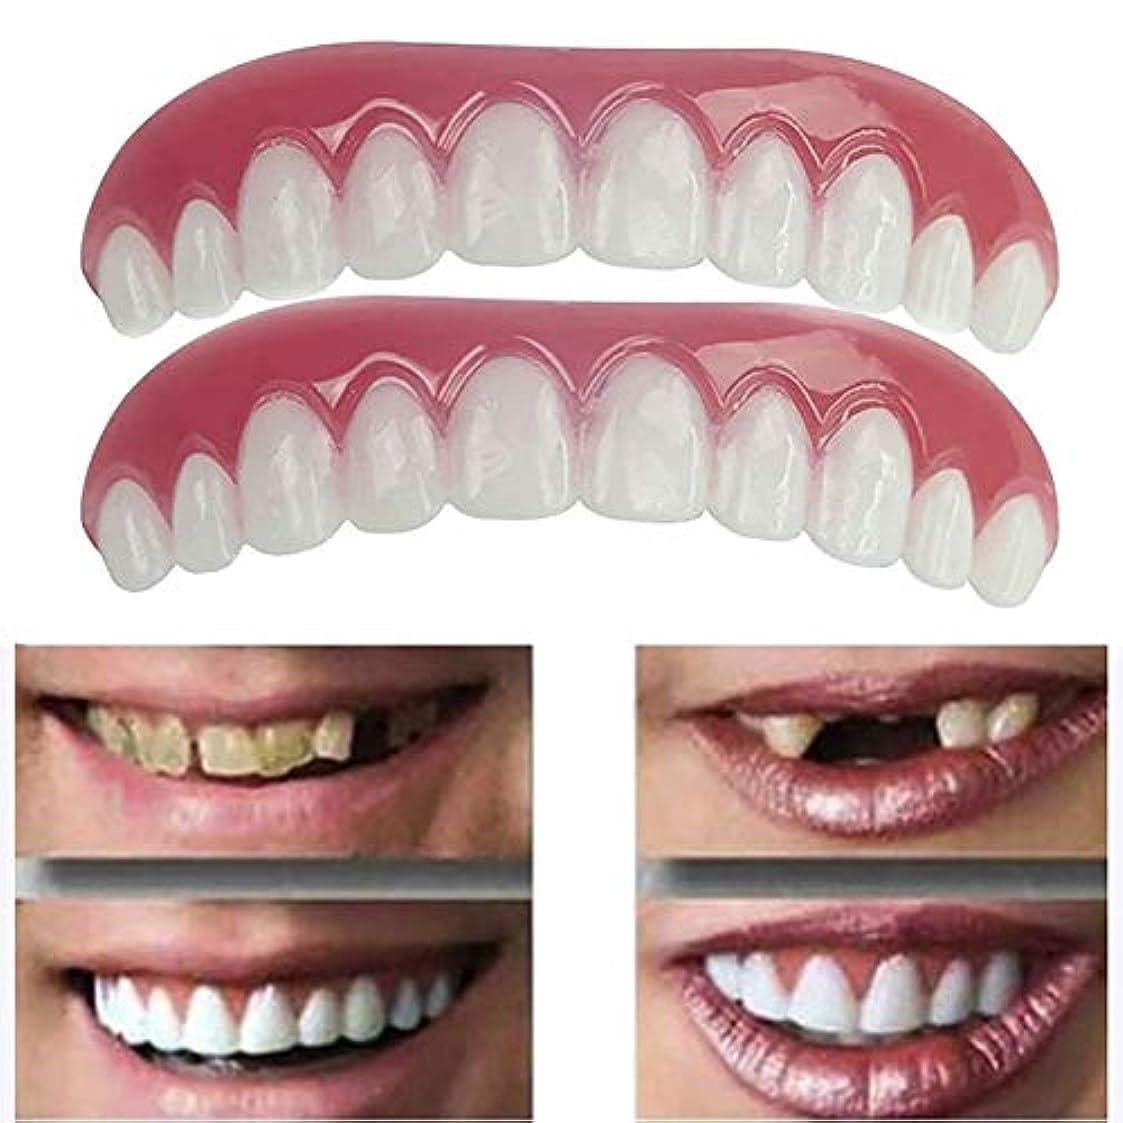 陽気なフォージ低下5ペア偽の歯上偽の歯のカバー安全なインスタント笑顔化粧品ノベルティ歯 - ワンサイズ最もフィット